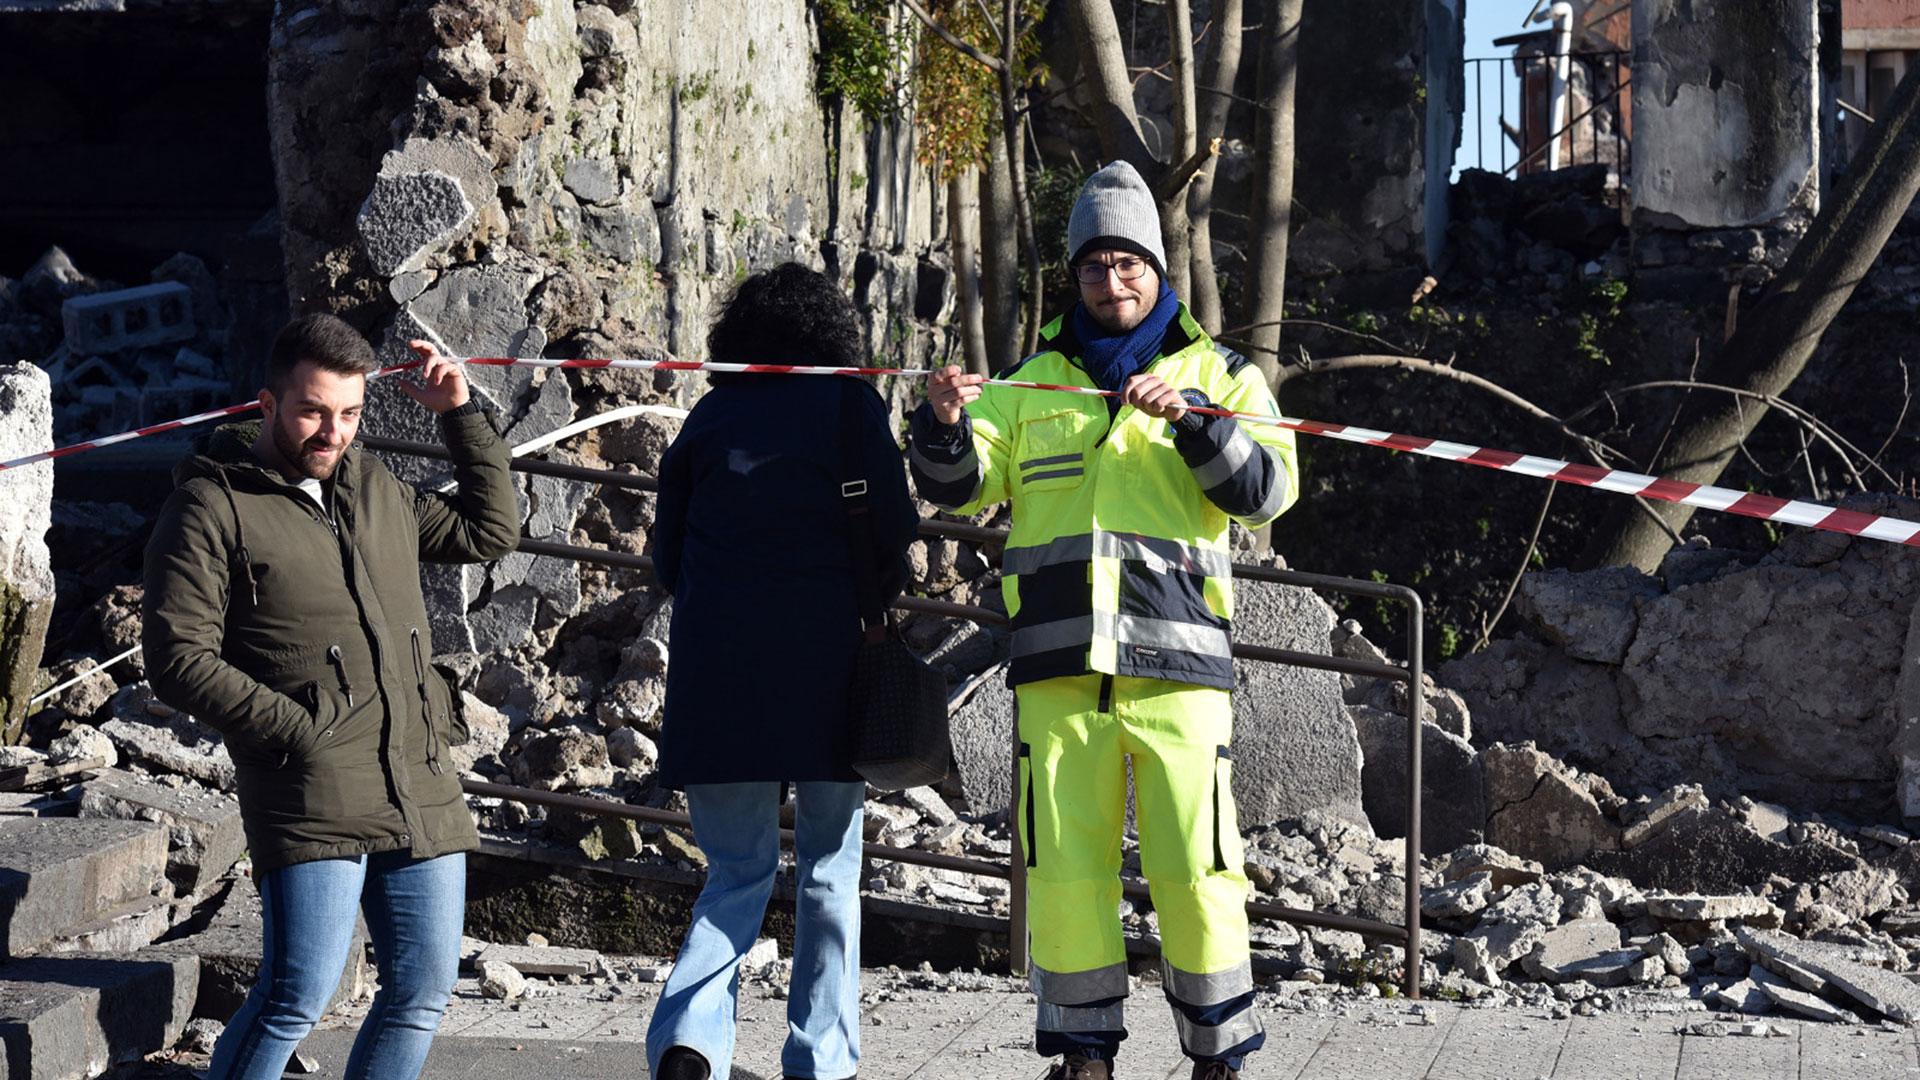 Importantes carreteras fueron cerradas (AFP)